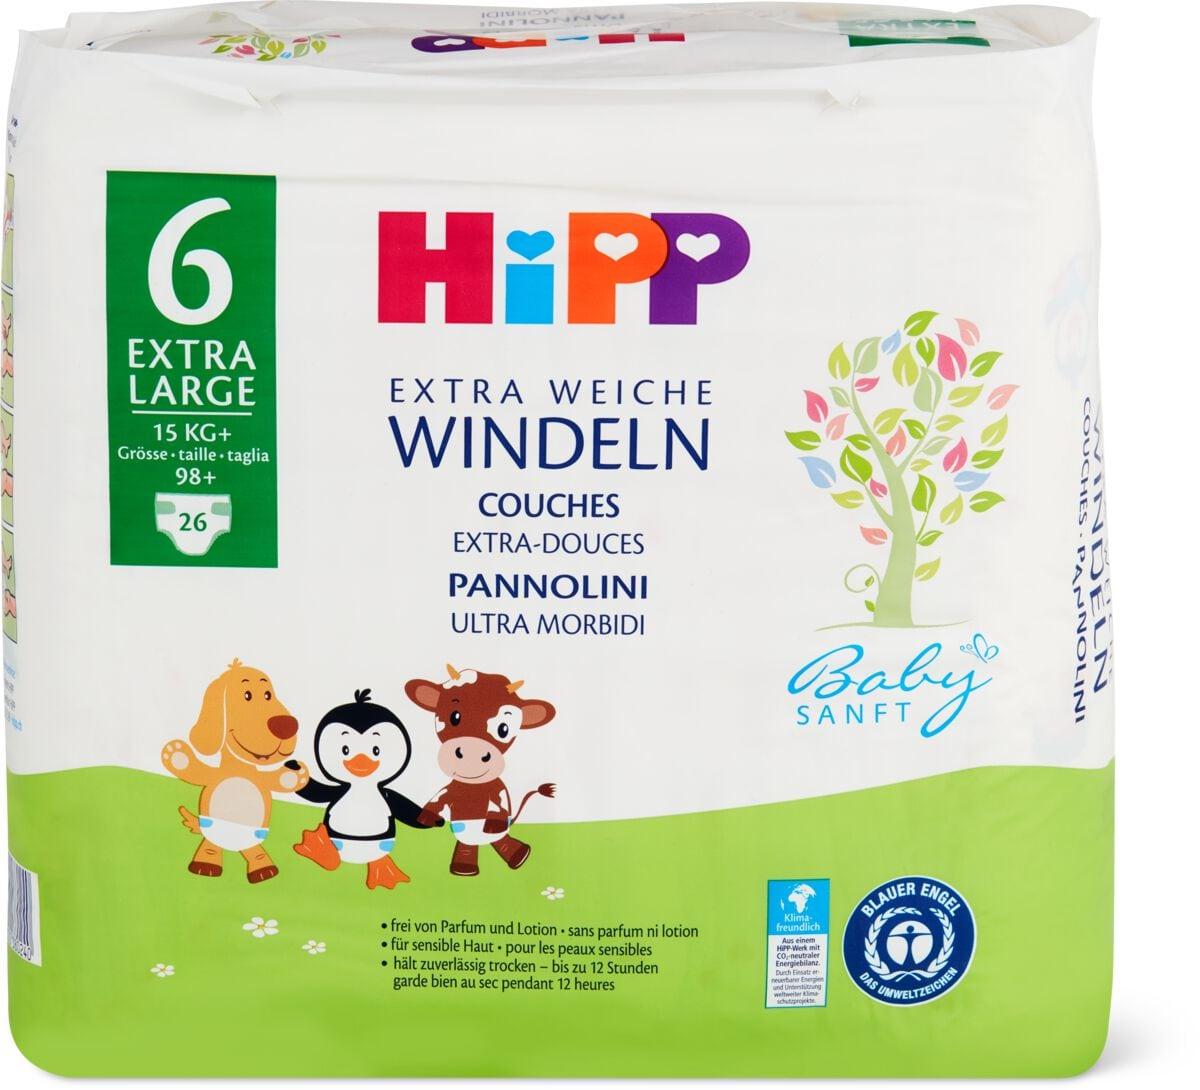 Hipp Babysanft pannolini XL 6